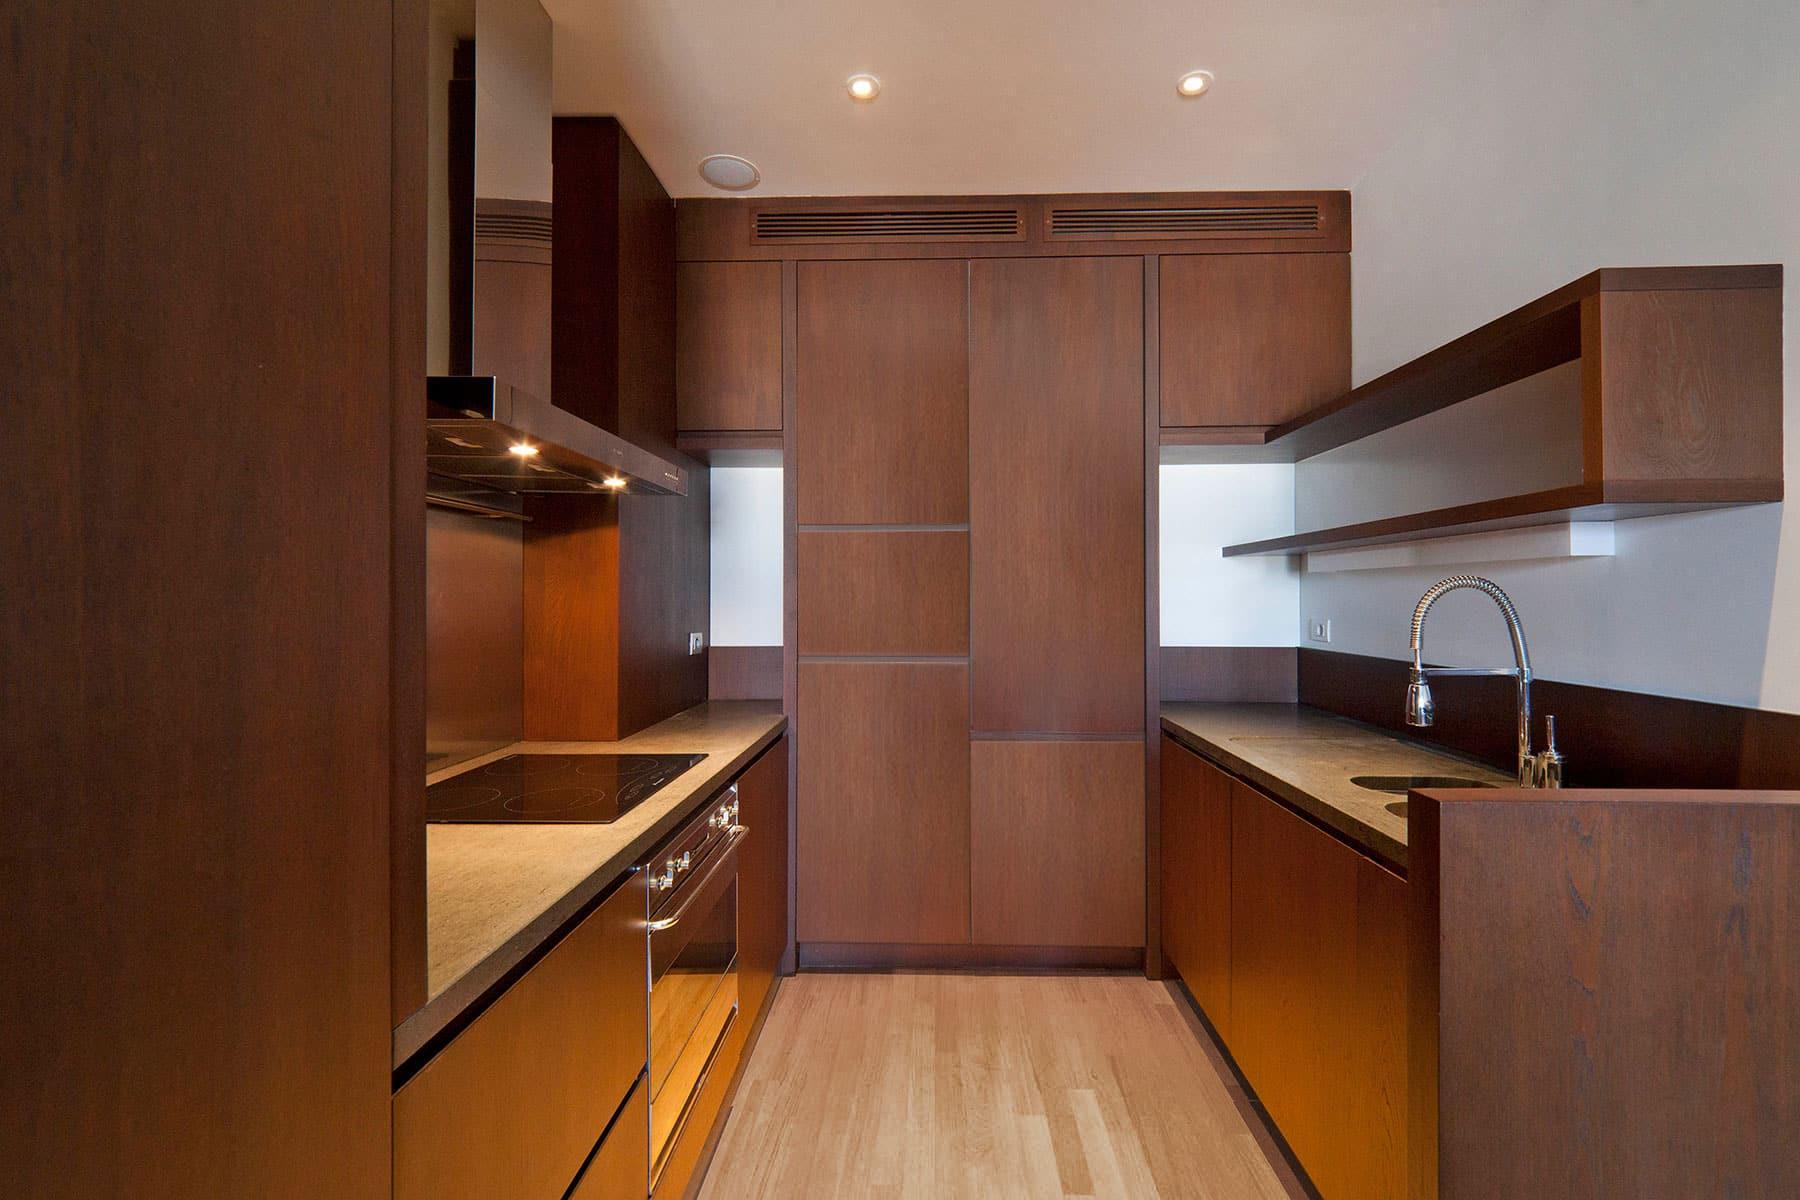 Cucina con piani in pietra lavica falegnameria caponi - Pietra lavica cucina ...